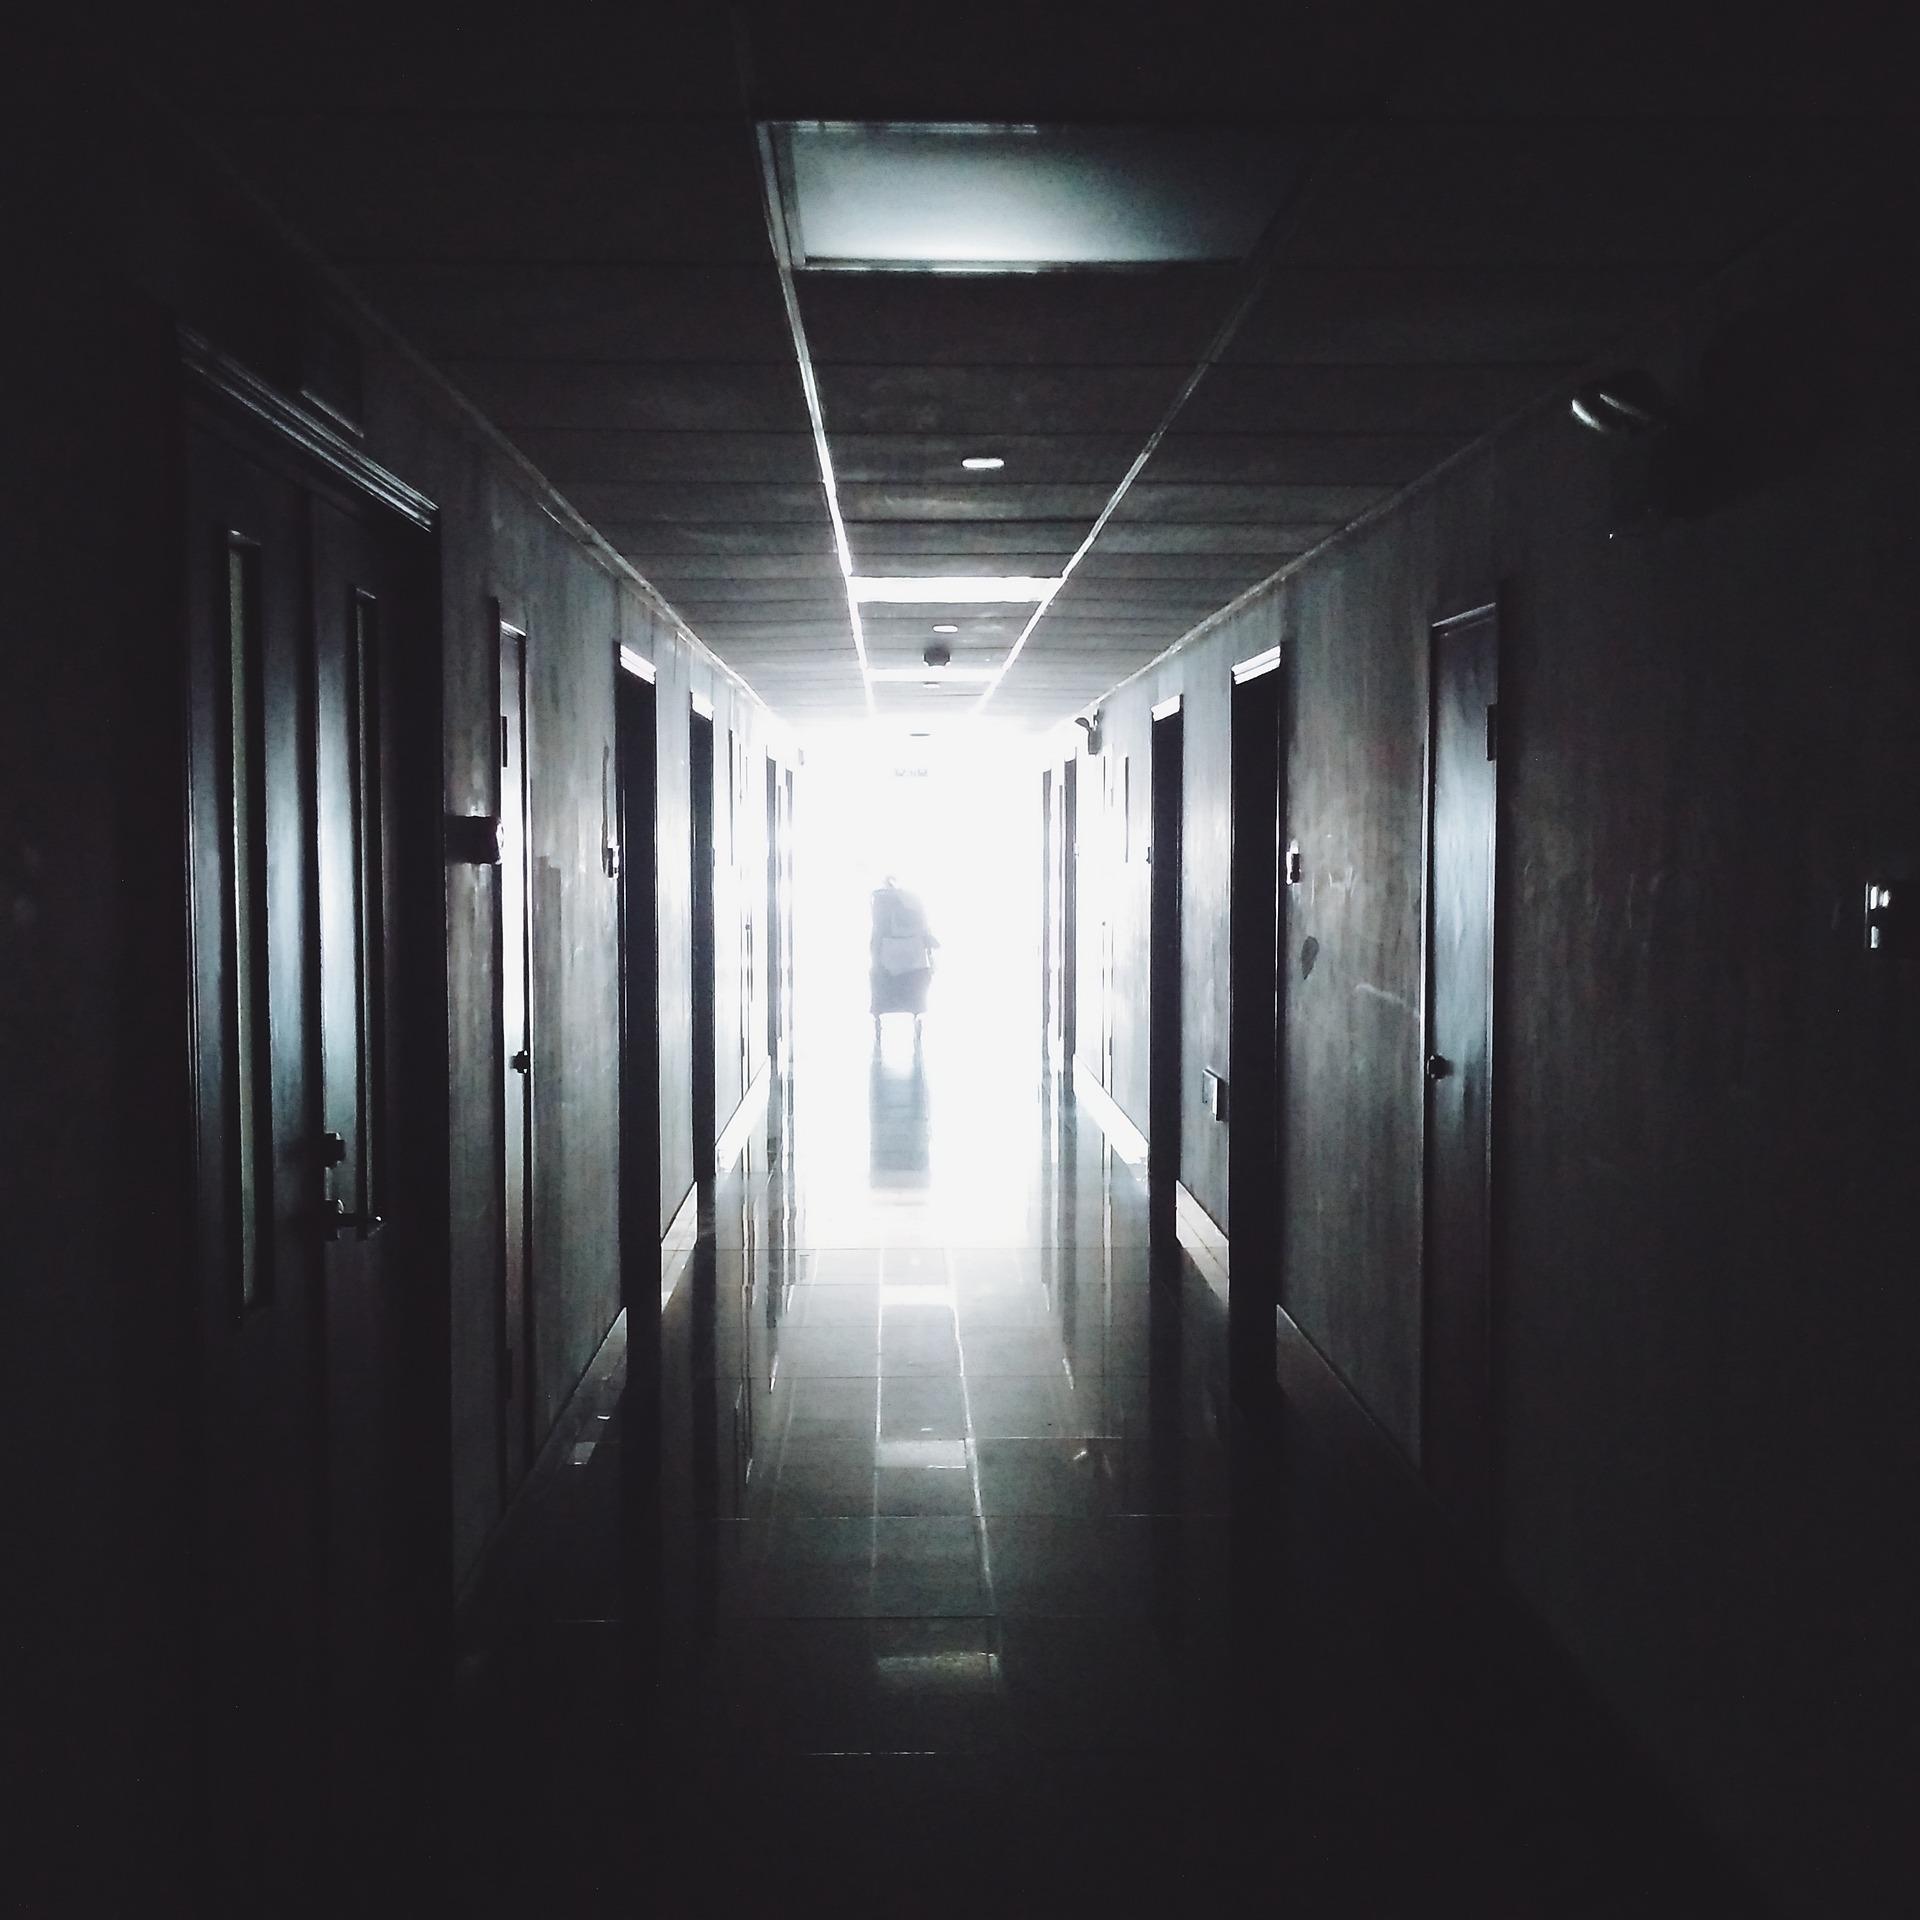 FIXcity-zieknehuis-escape-box